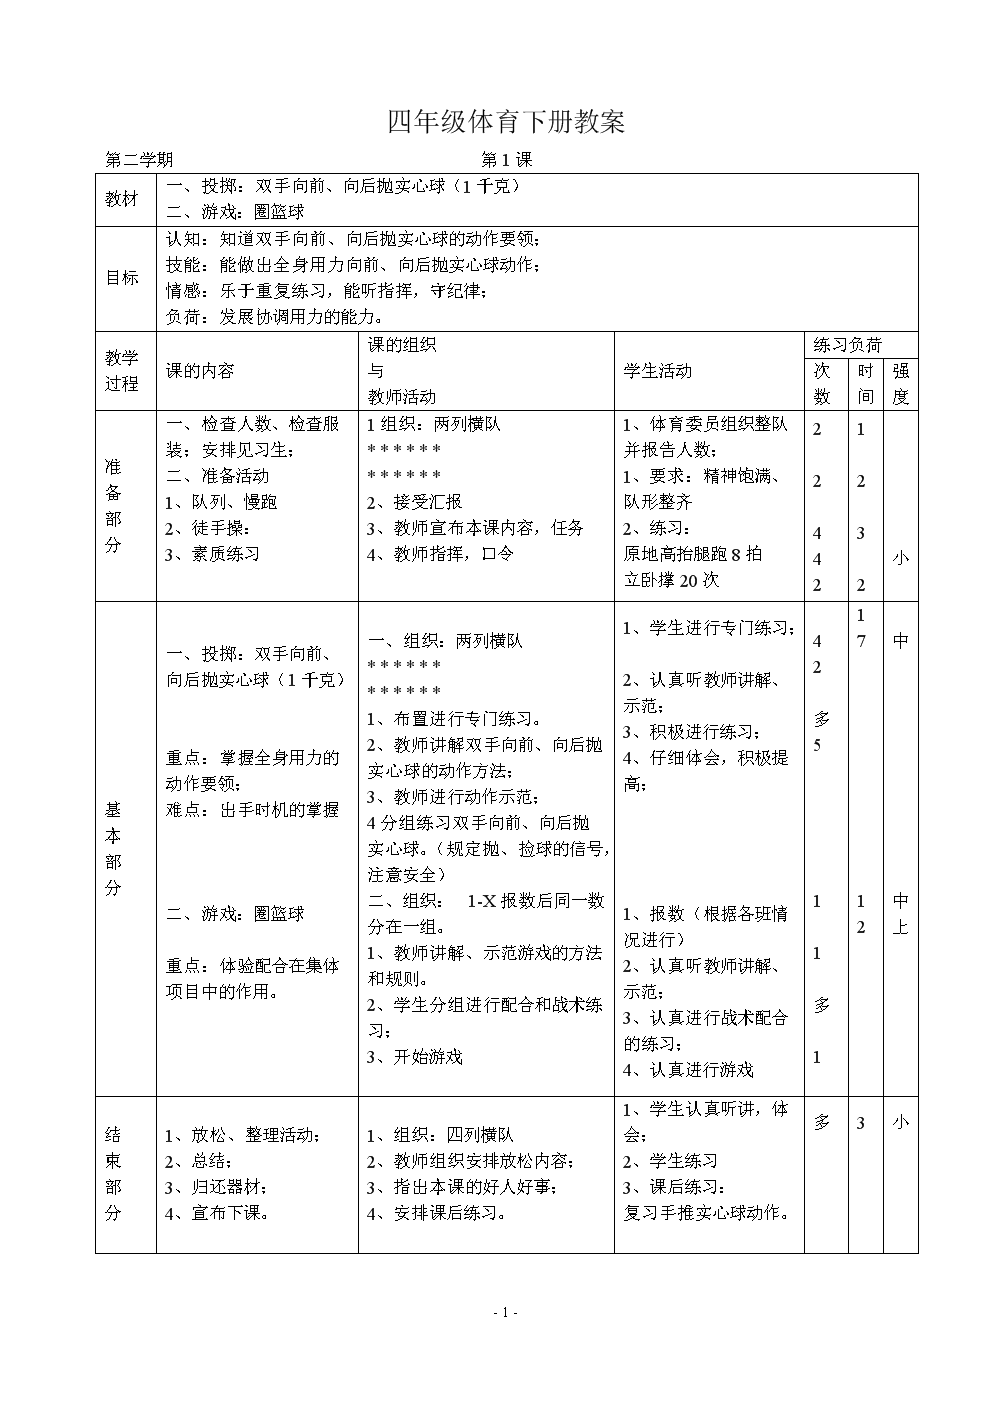 下期四体育年级课时小学(全册54小学).doc大贾教案图片